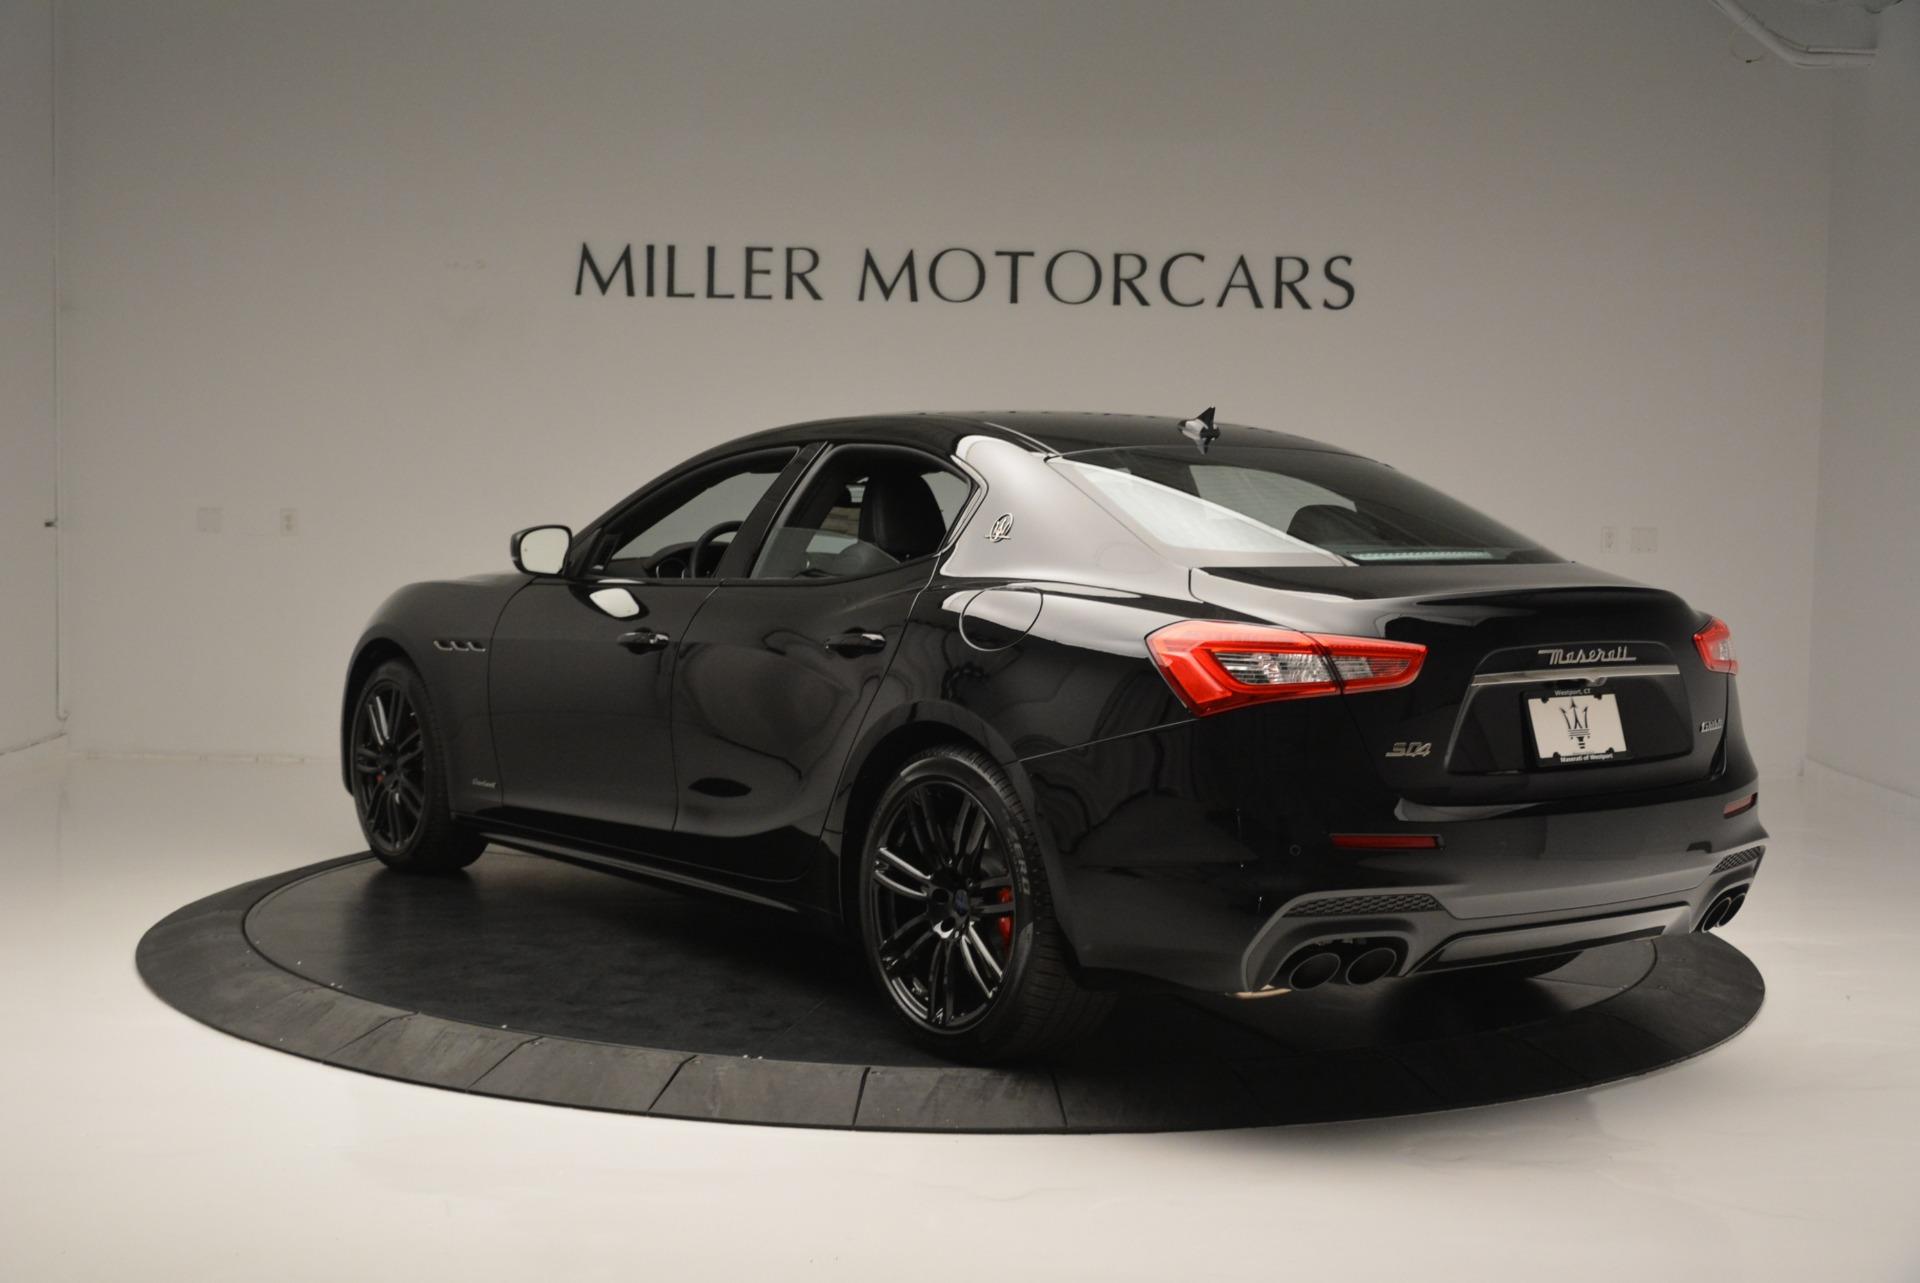 New 2018 Maserati Ghibli SQ4 GranSport Nerissimo For Sale In Greenwich, CT 2366_p5